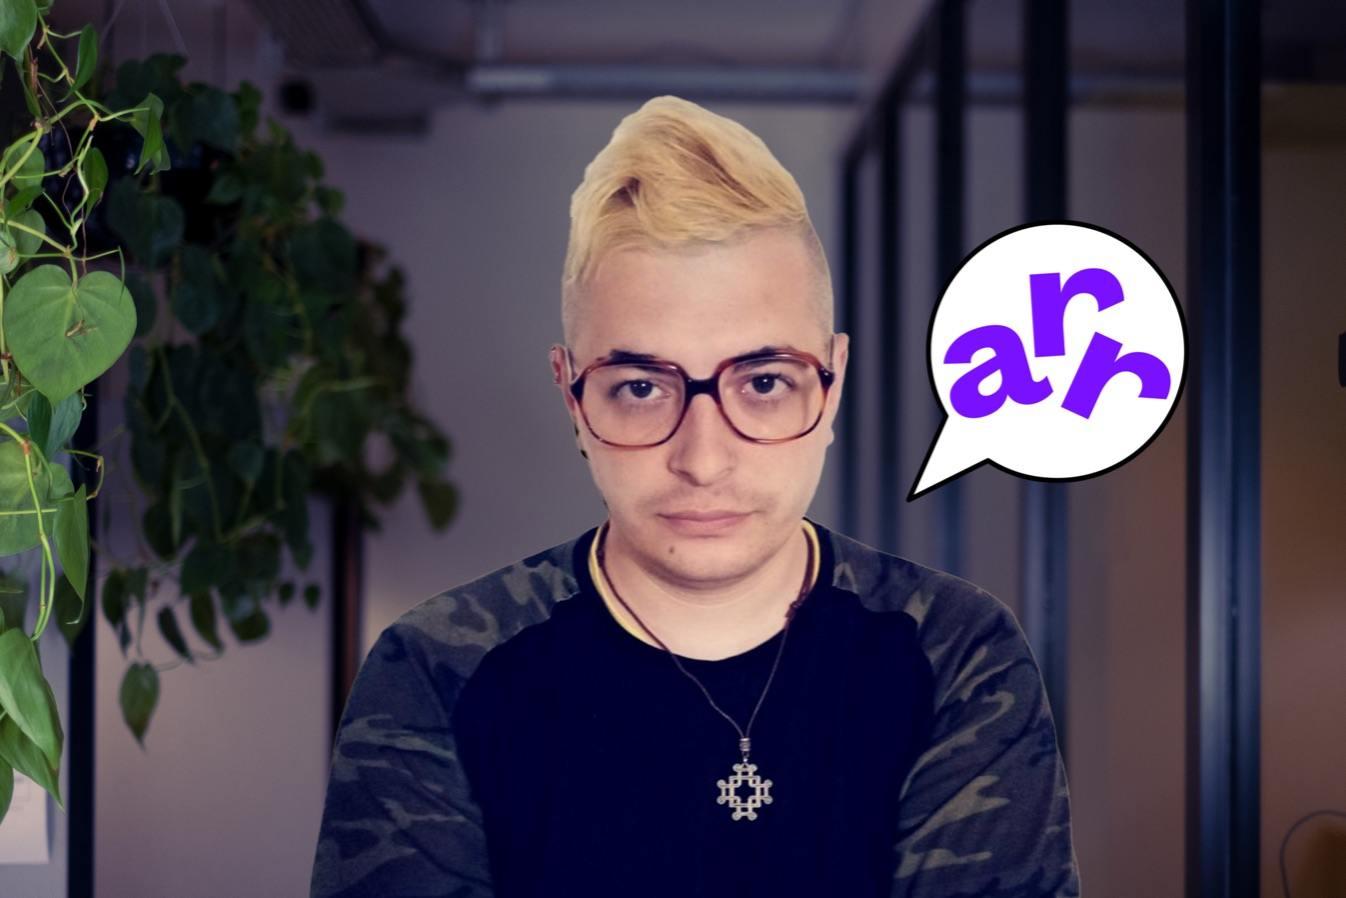 Srdjan_Emoticon-1